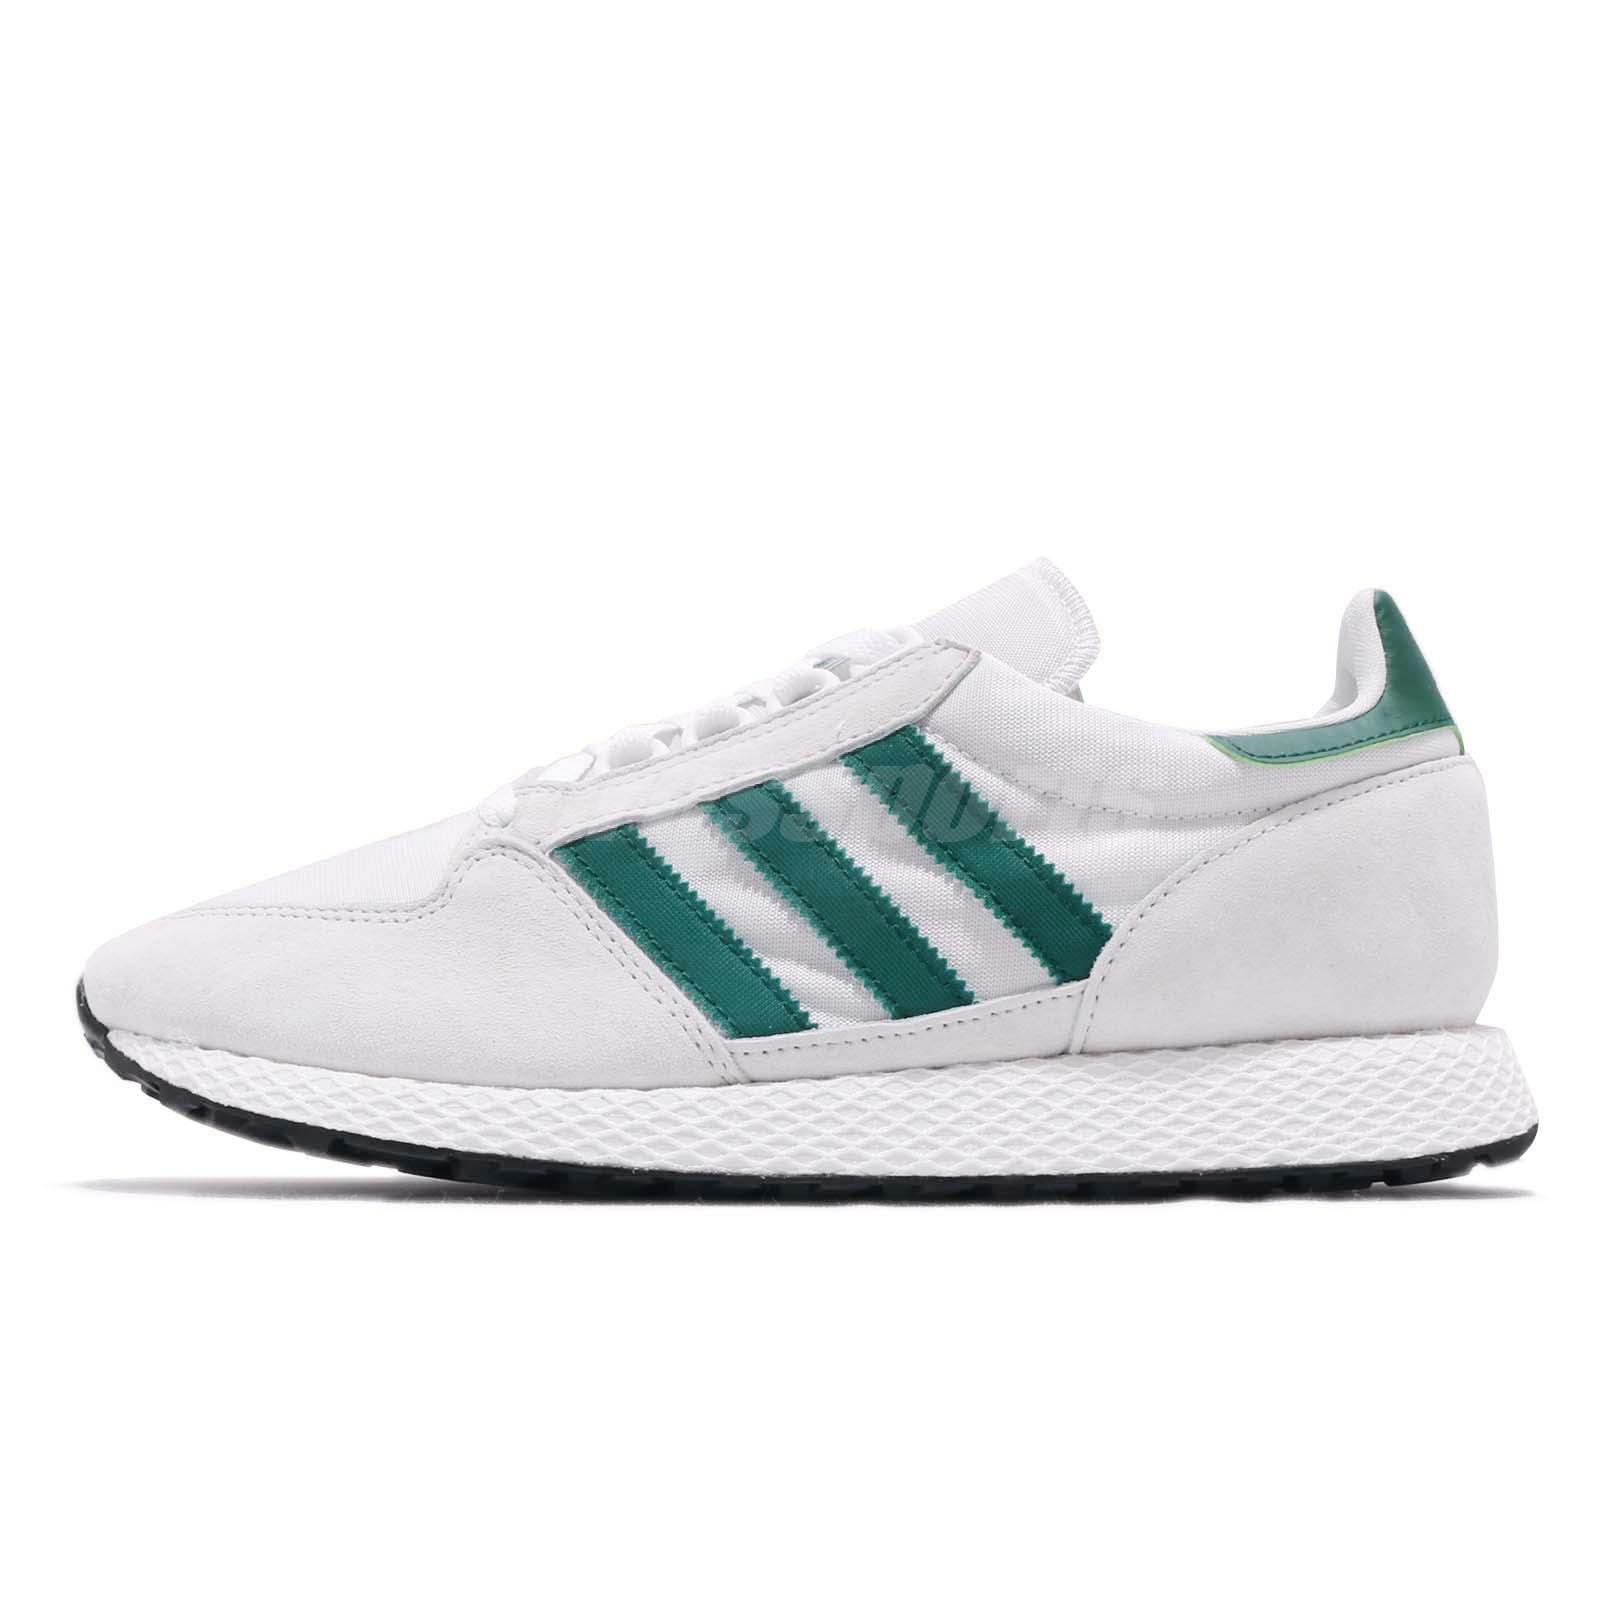 Detalles acerca de Adidas Originals Bosque Grove Blanco Verde Hombres  Running Zapatos TENIS B41546- mostrar título original